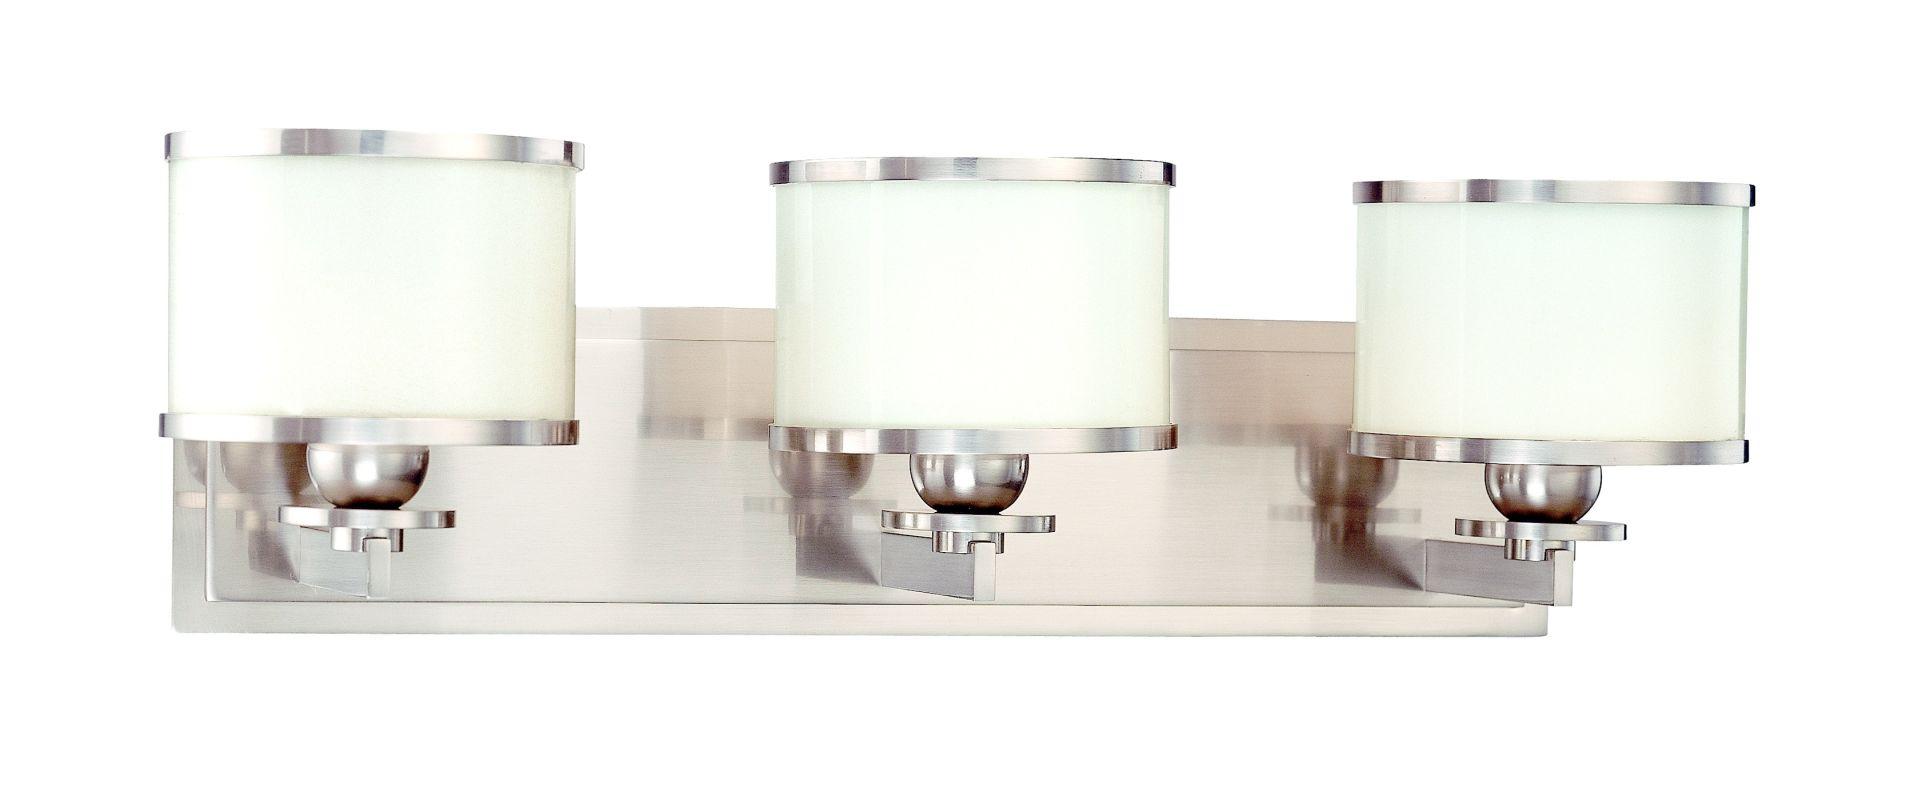 Hudson Valley Lighting 6103 Basking Ridge 3 Light Bathroom Vanity Sale $480.00 ITEM#: 1485697 MODEL# :6103-SN UPC#: 806134106843 :